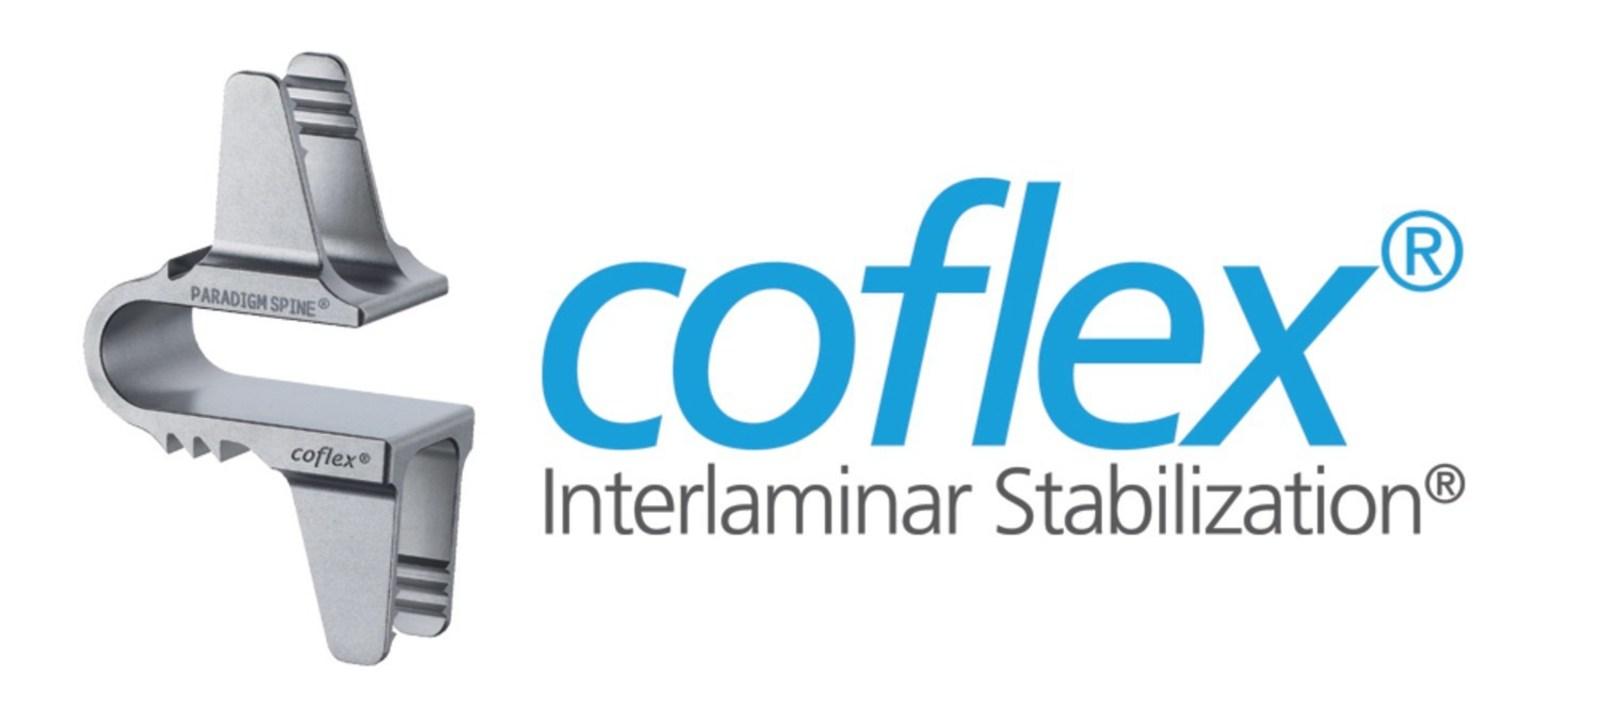 Paradigm Spine coflex Interlaminar Stabilization